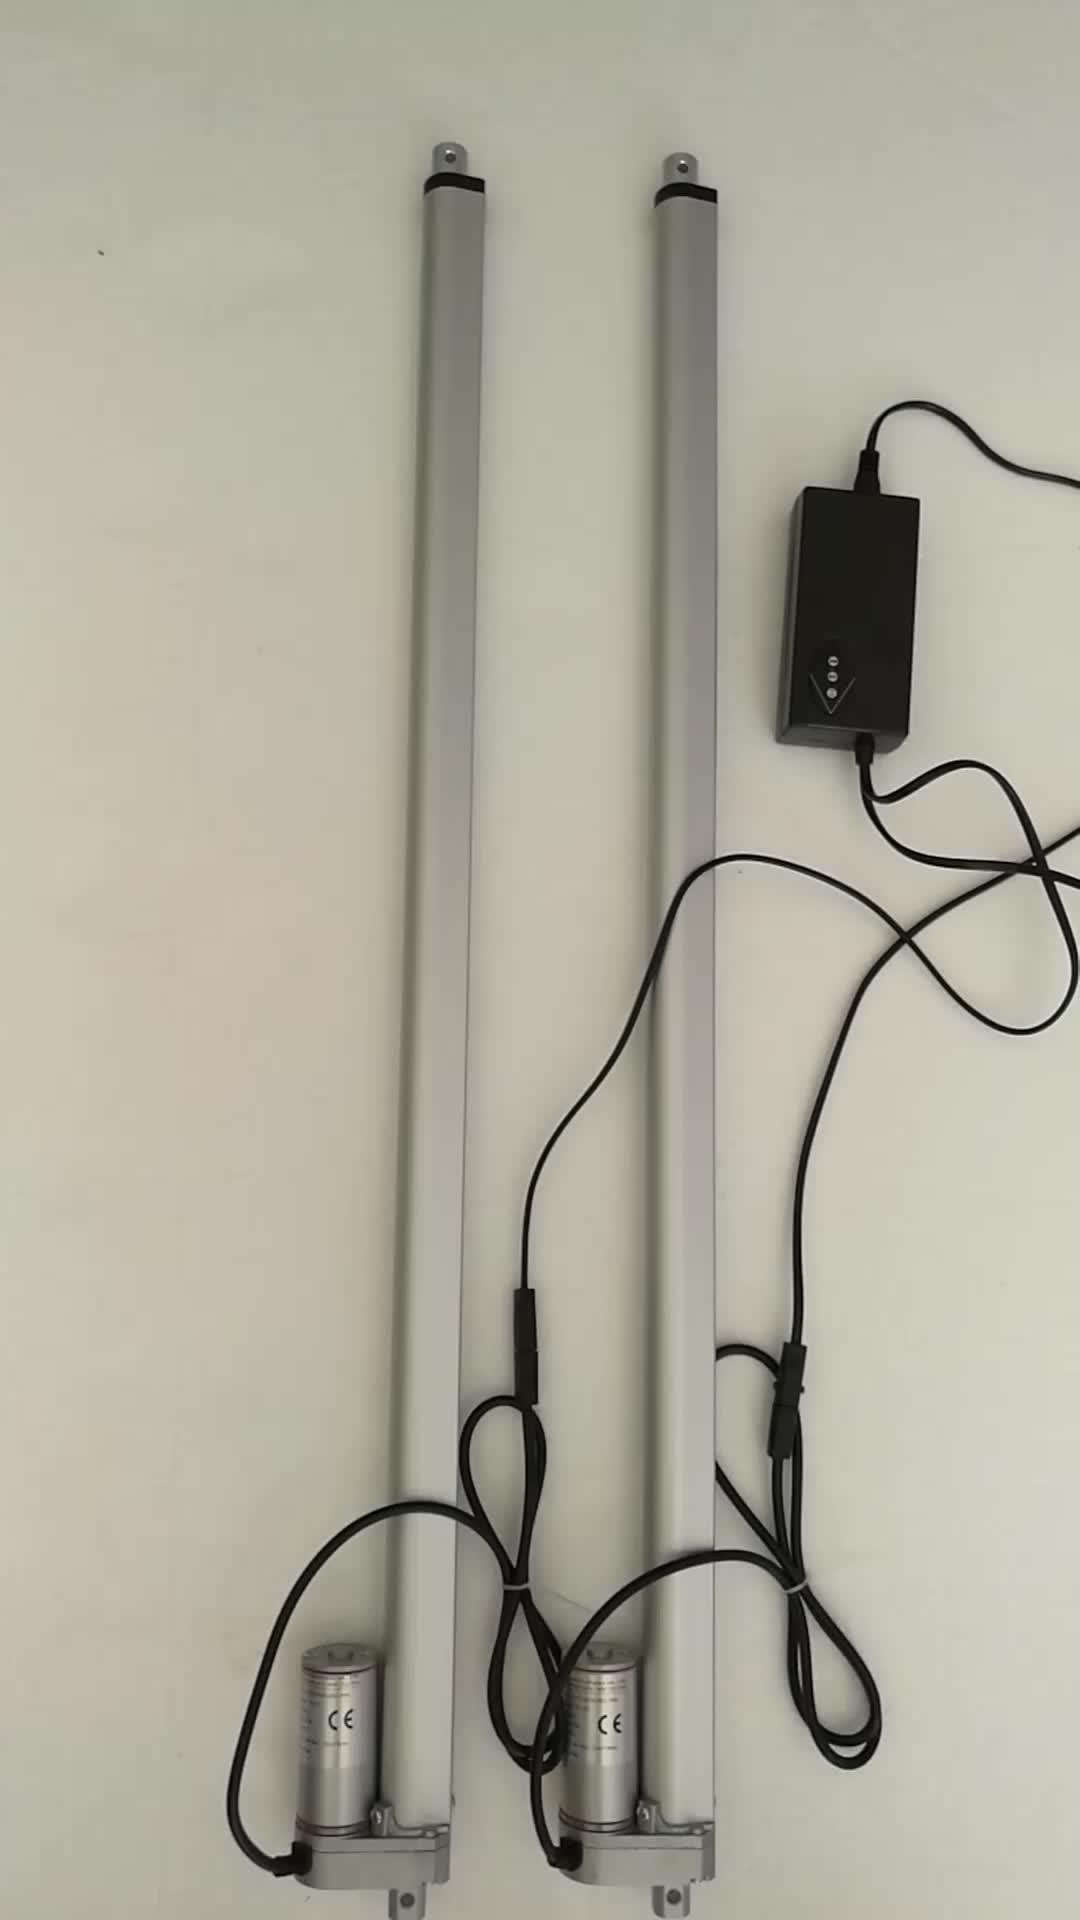 RISESAT 800 мм ход 12 вольт тихий линейный привод с кронштейнами RS-D3 IP65